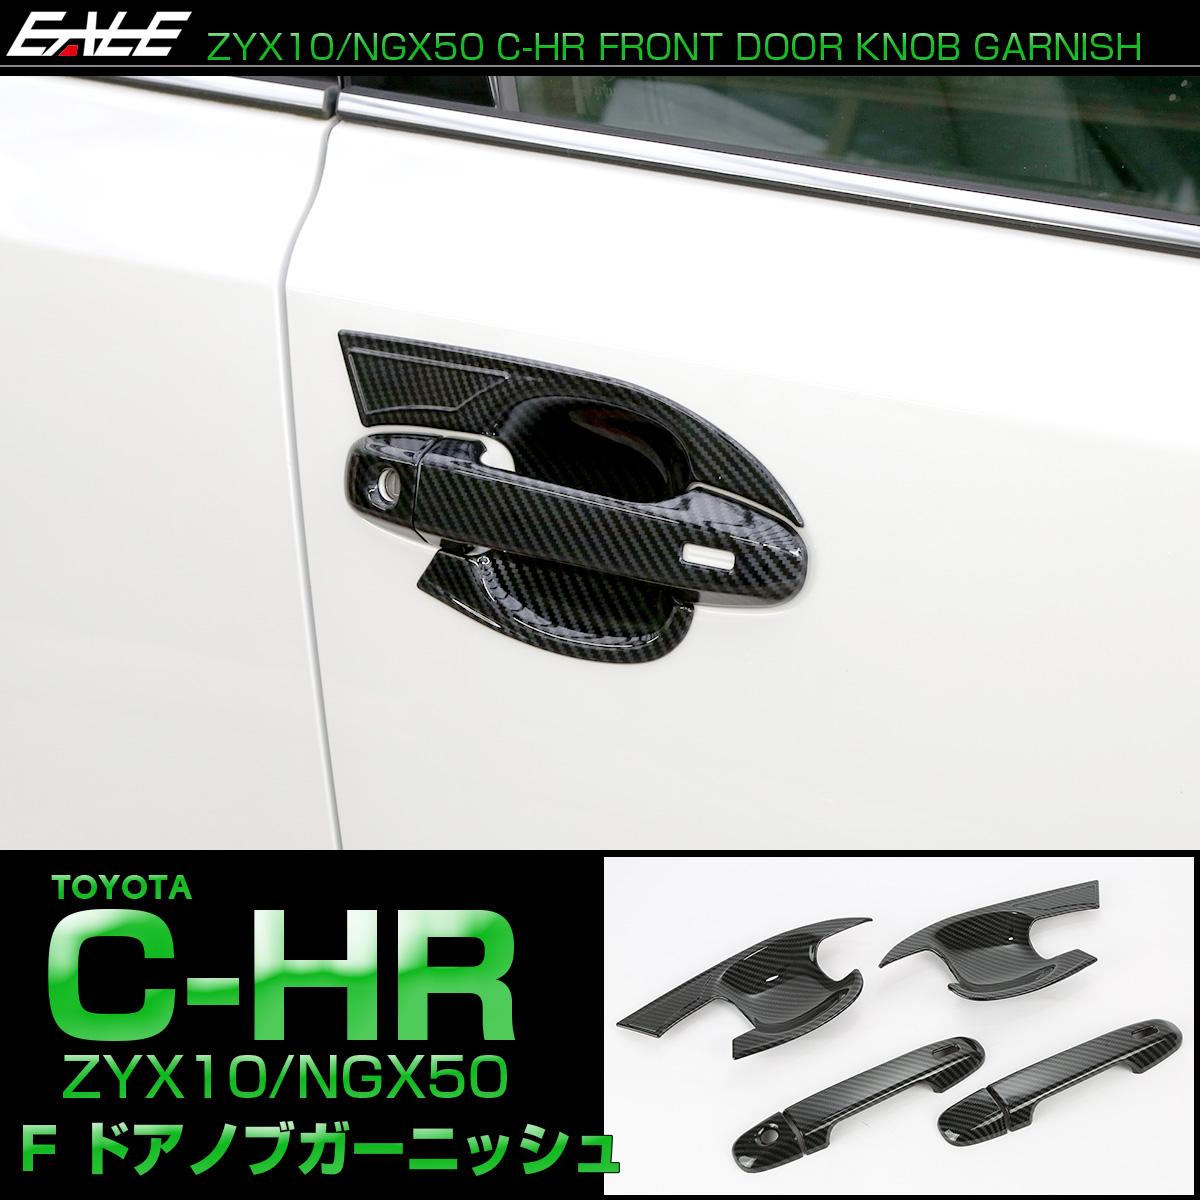 C-HR カーボン調 フロント ドアノブ カバー 傷防止 ドアハンドル ガーニッシュ 6点セット LB0004